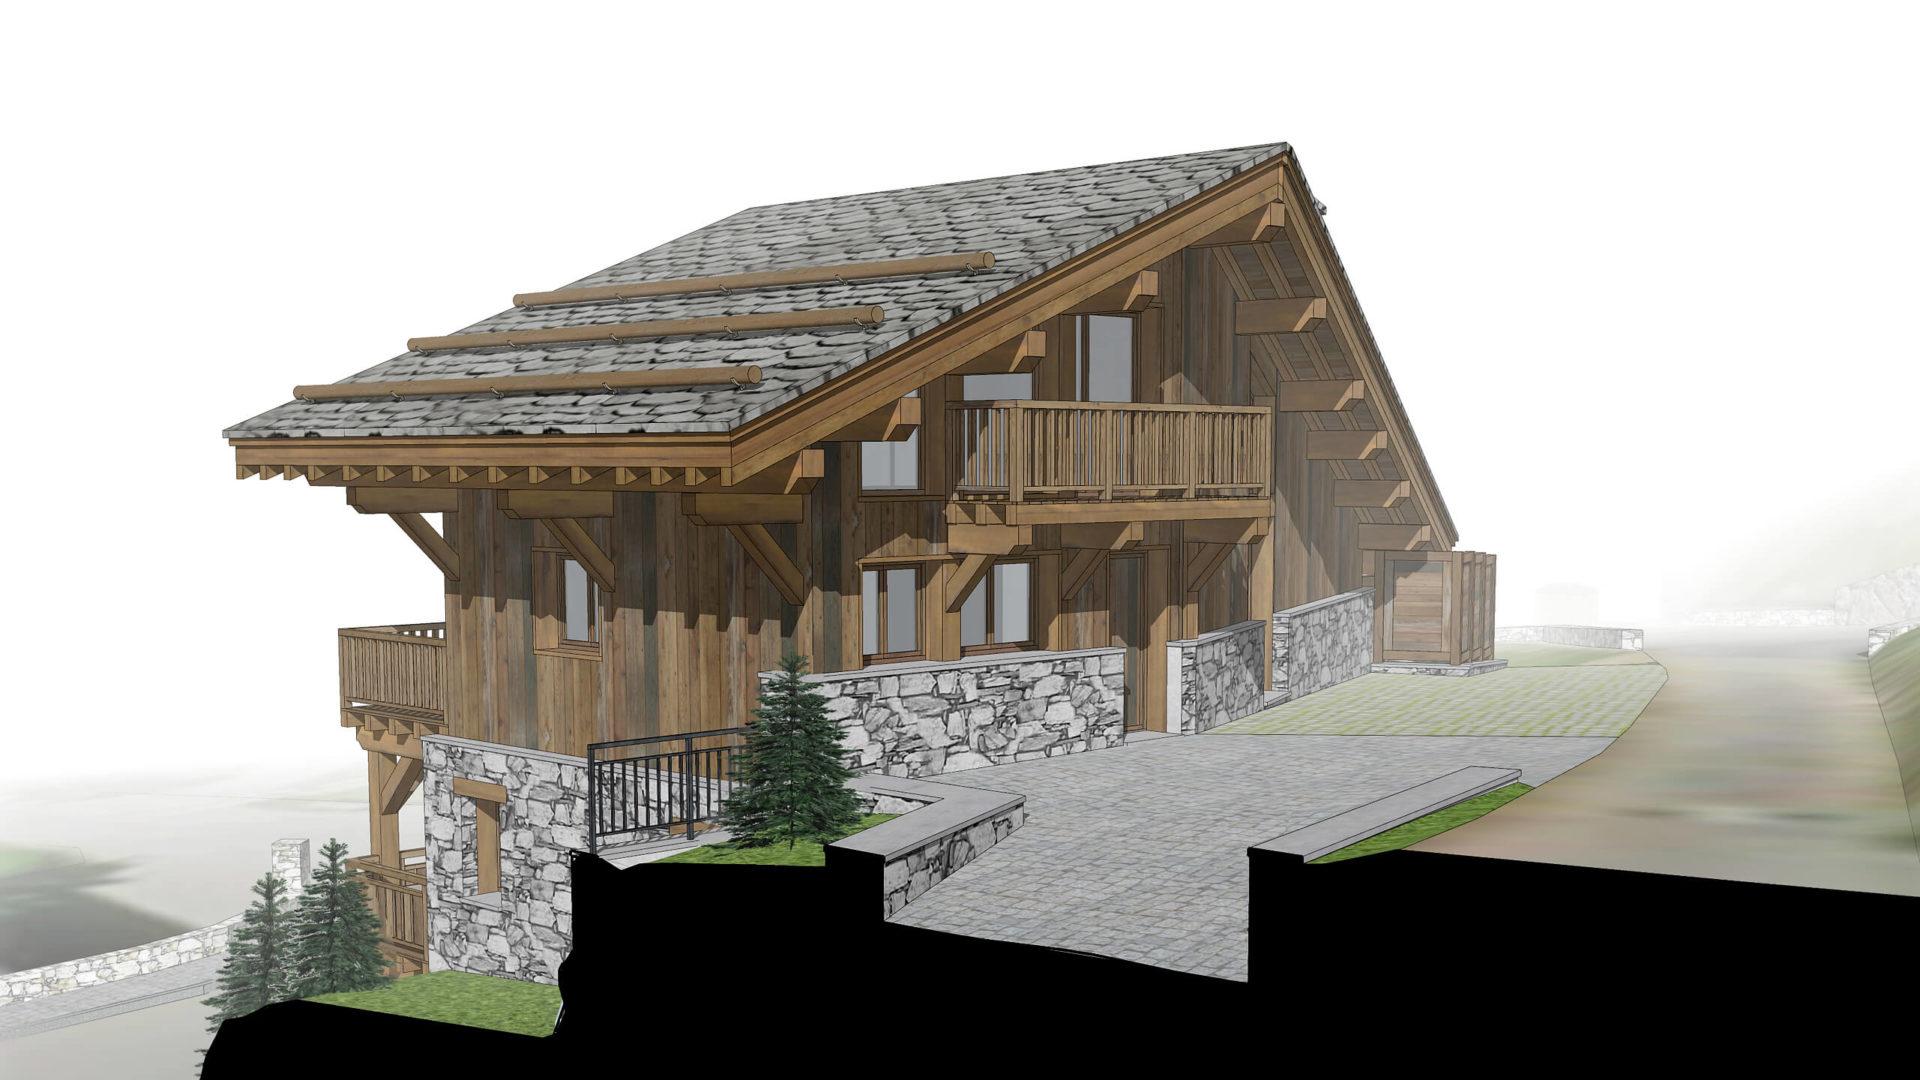 Les Chalets de la Combe Chalet 4 - Saint Martin de Belleville Savoie France